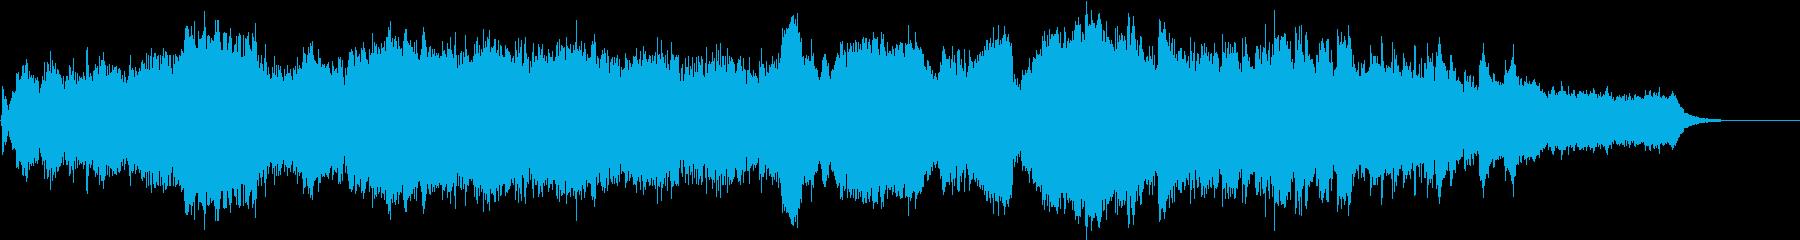 感動的で穏やかなRPG系オーケストラの再生済みの波形